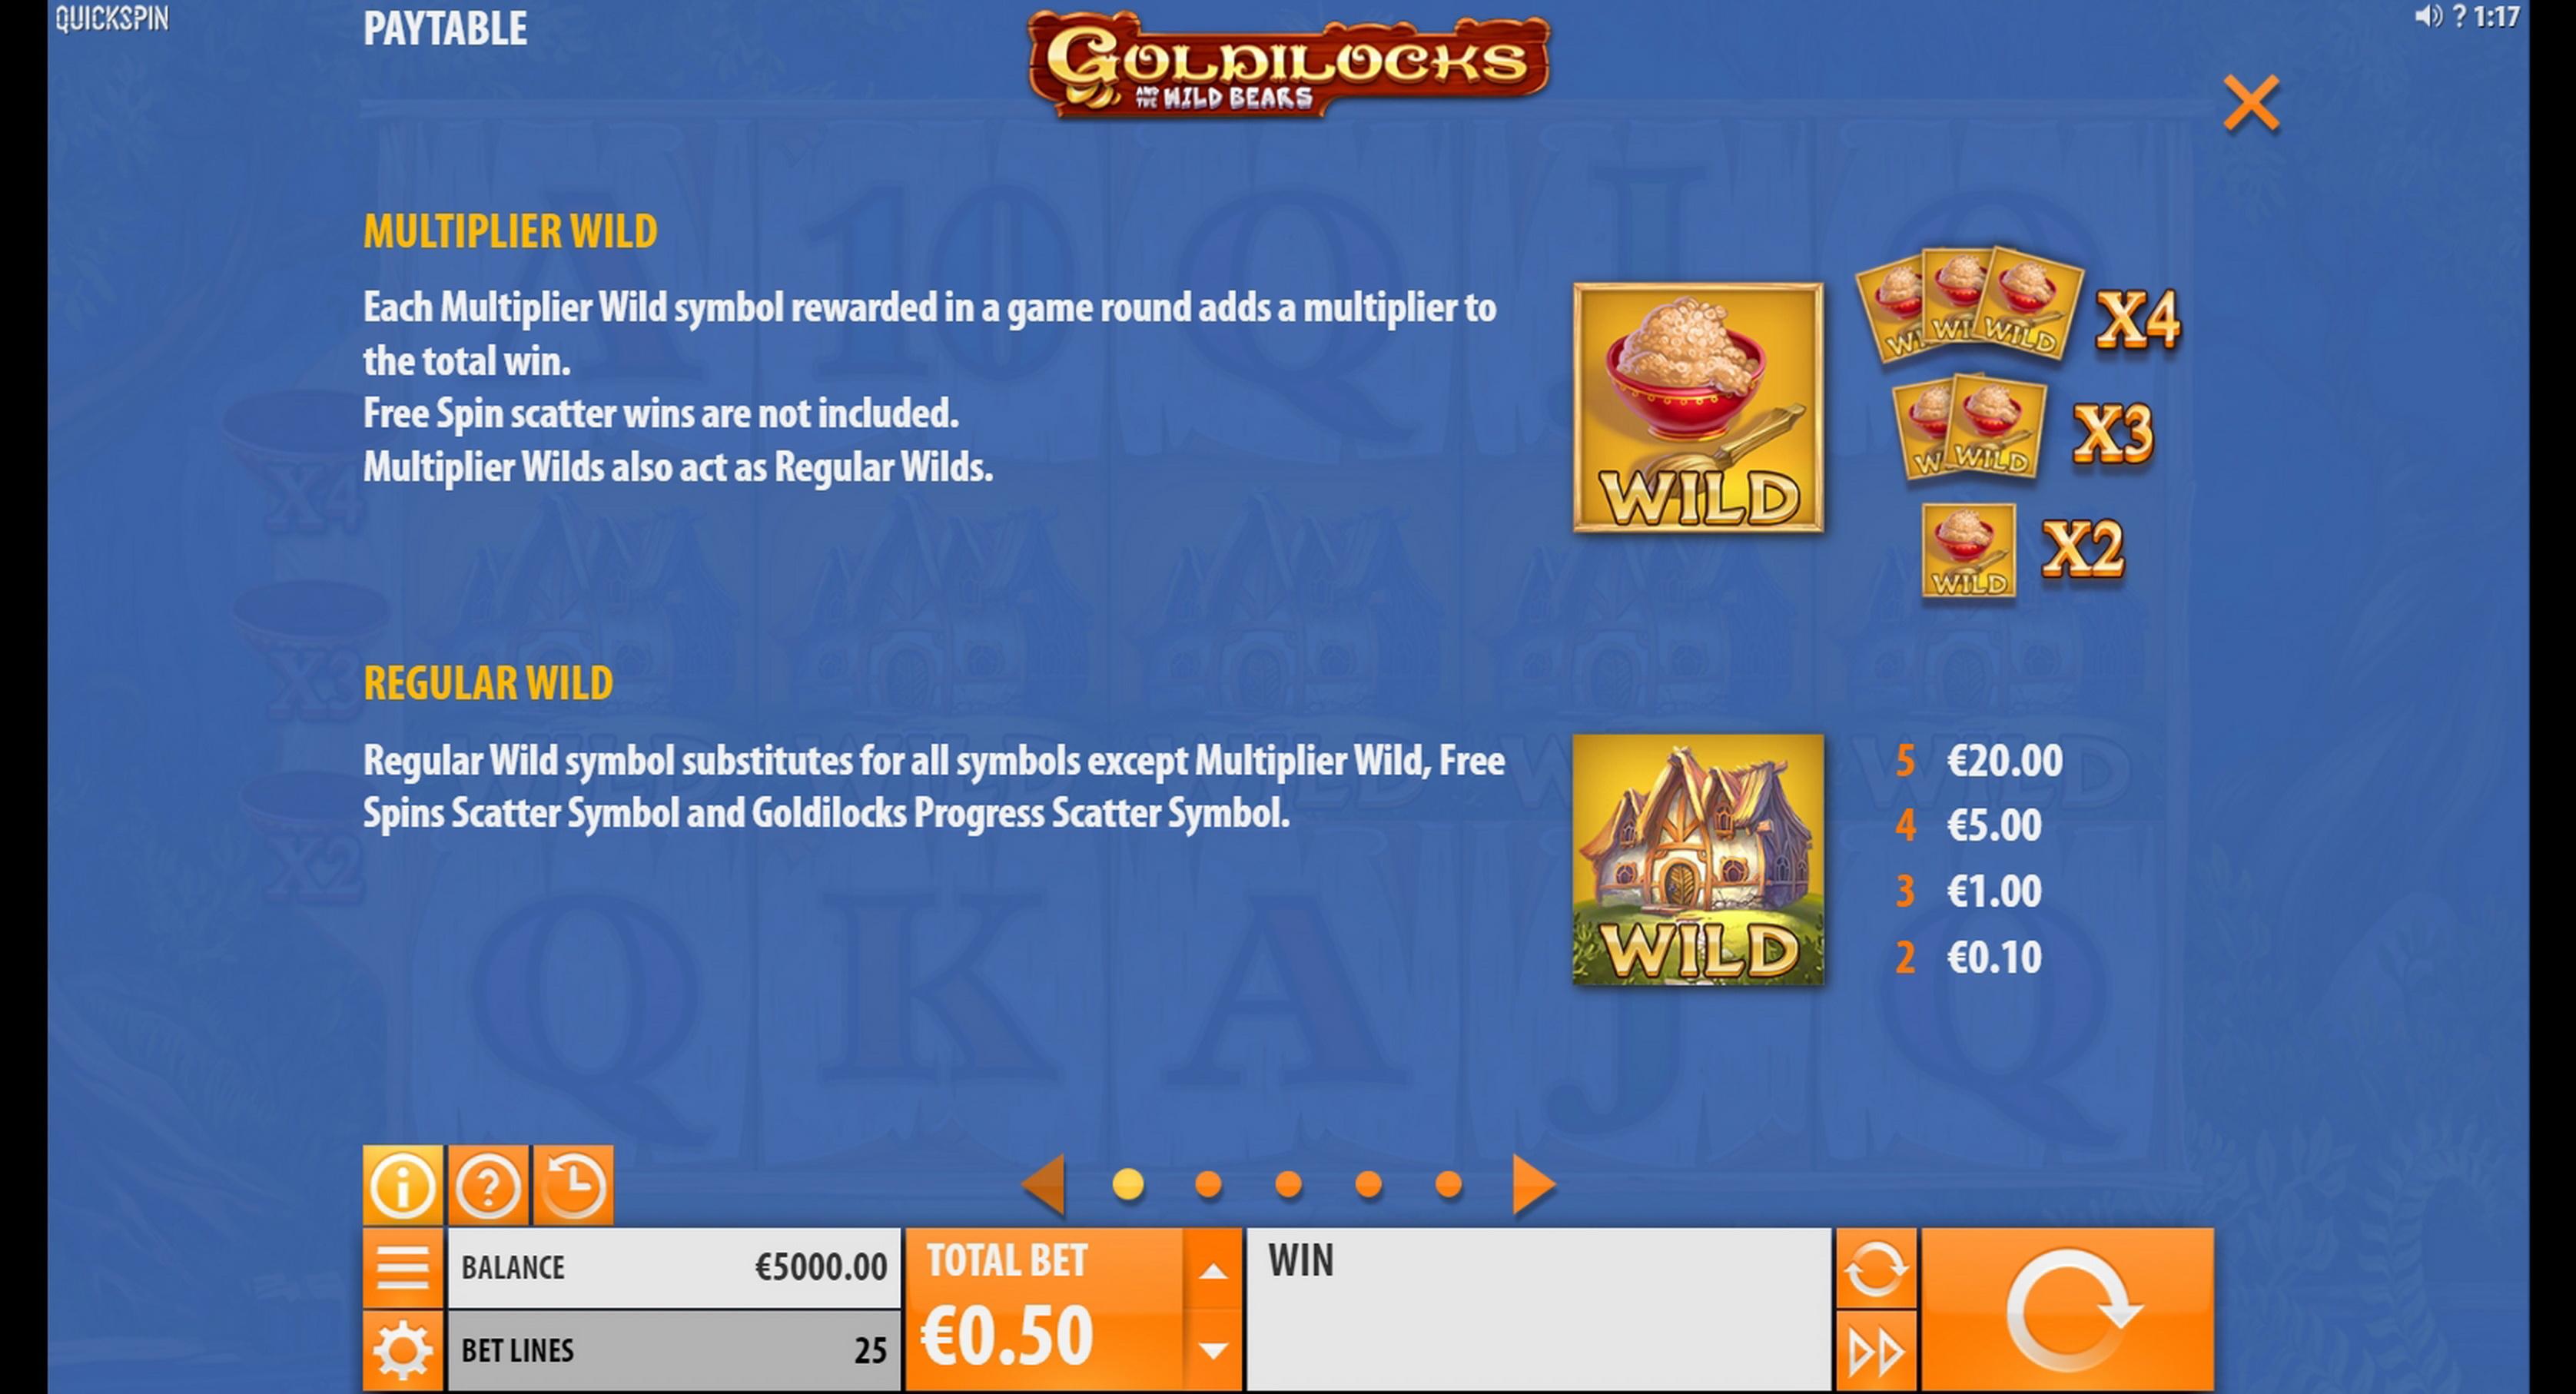 Goldilocks Slot Machine